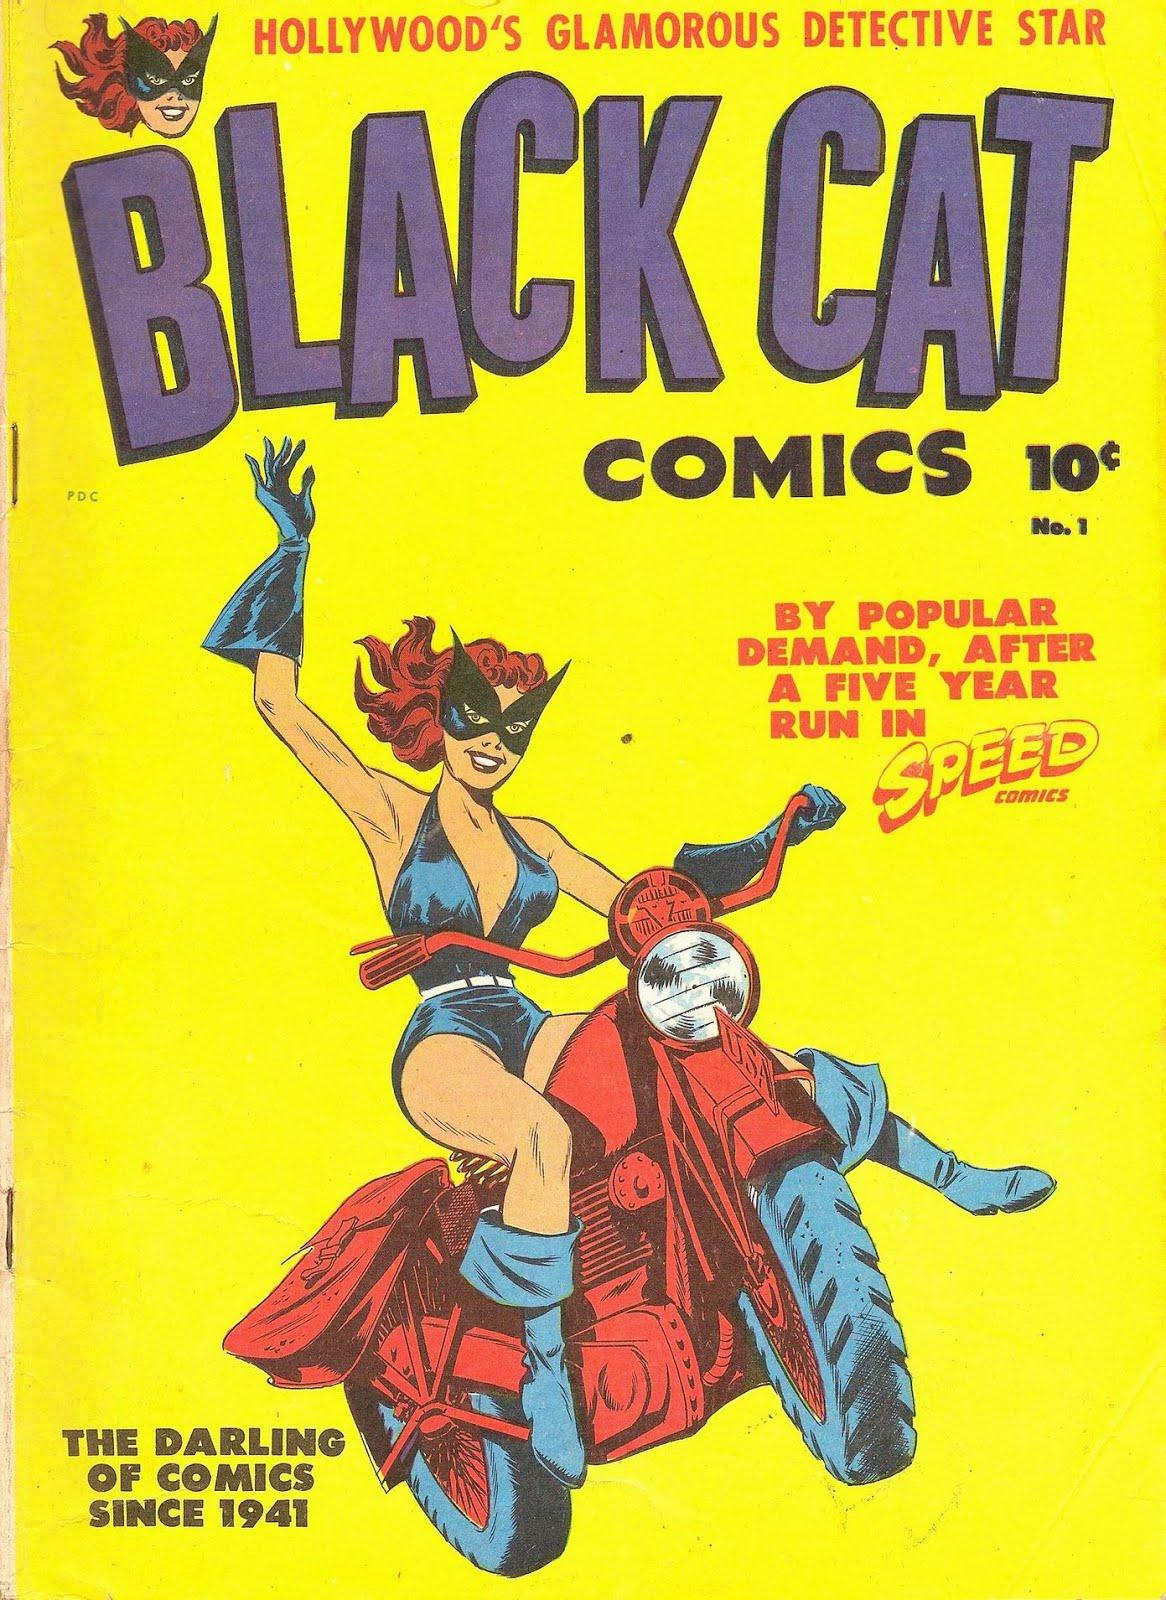 BLACK CAT COMICS